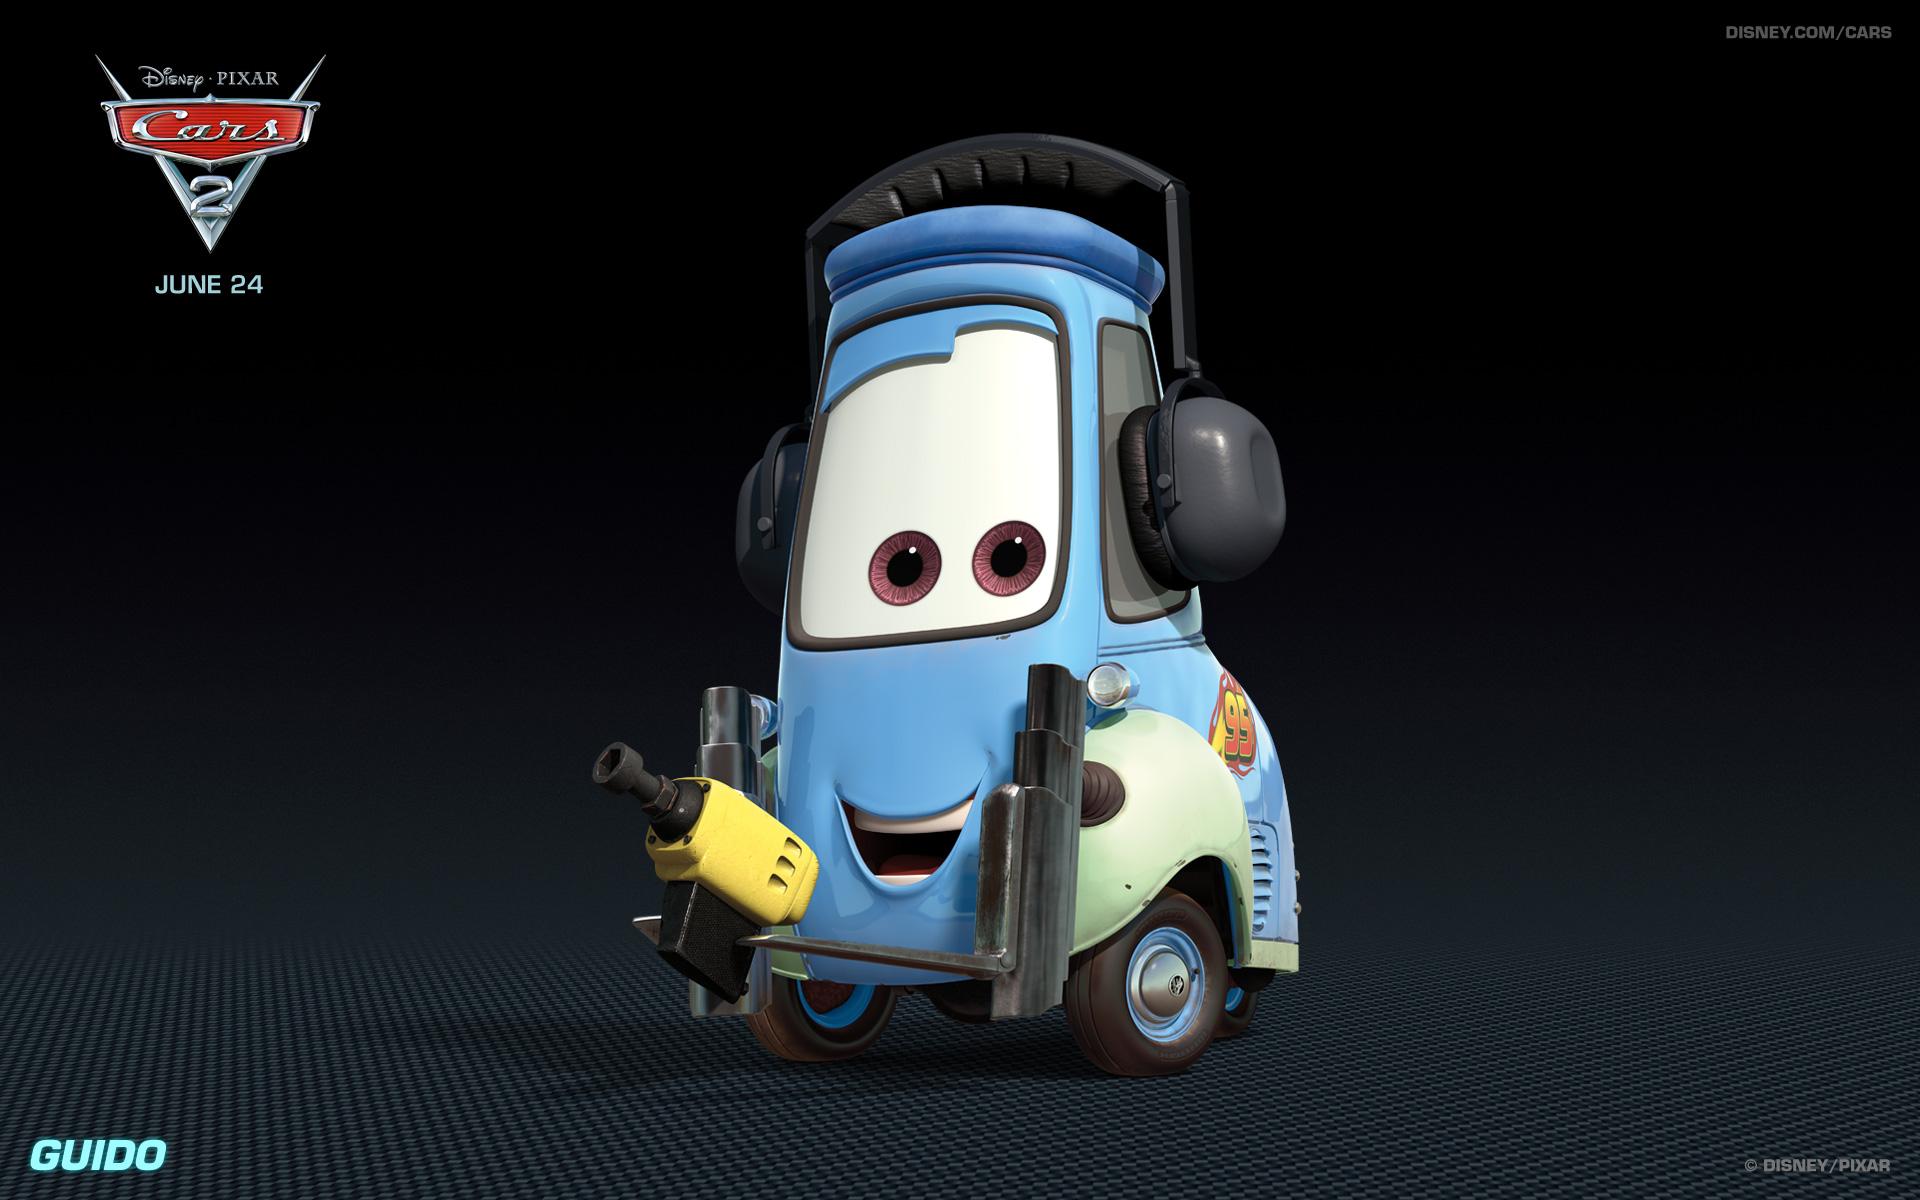 Guido | Pixar Wiki | FANDOM powered by Wikia